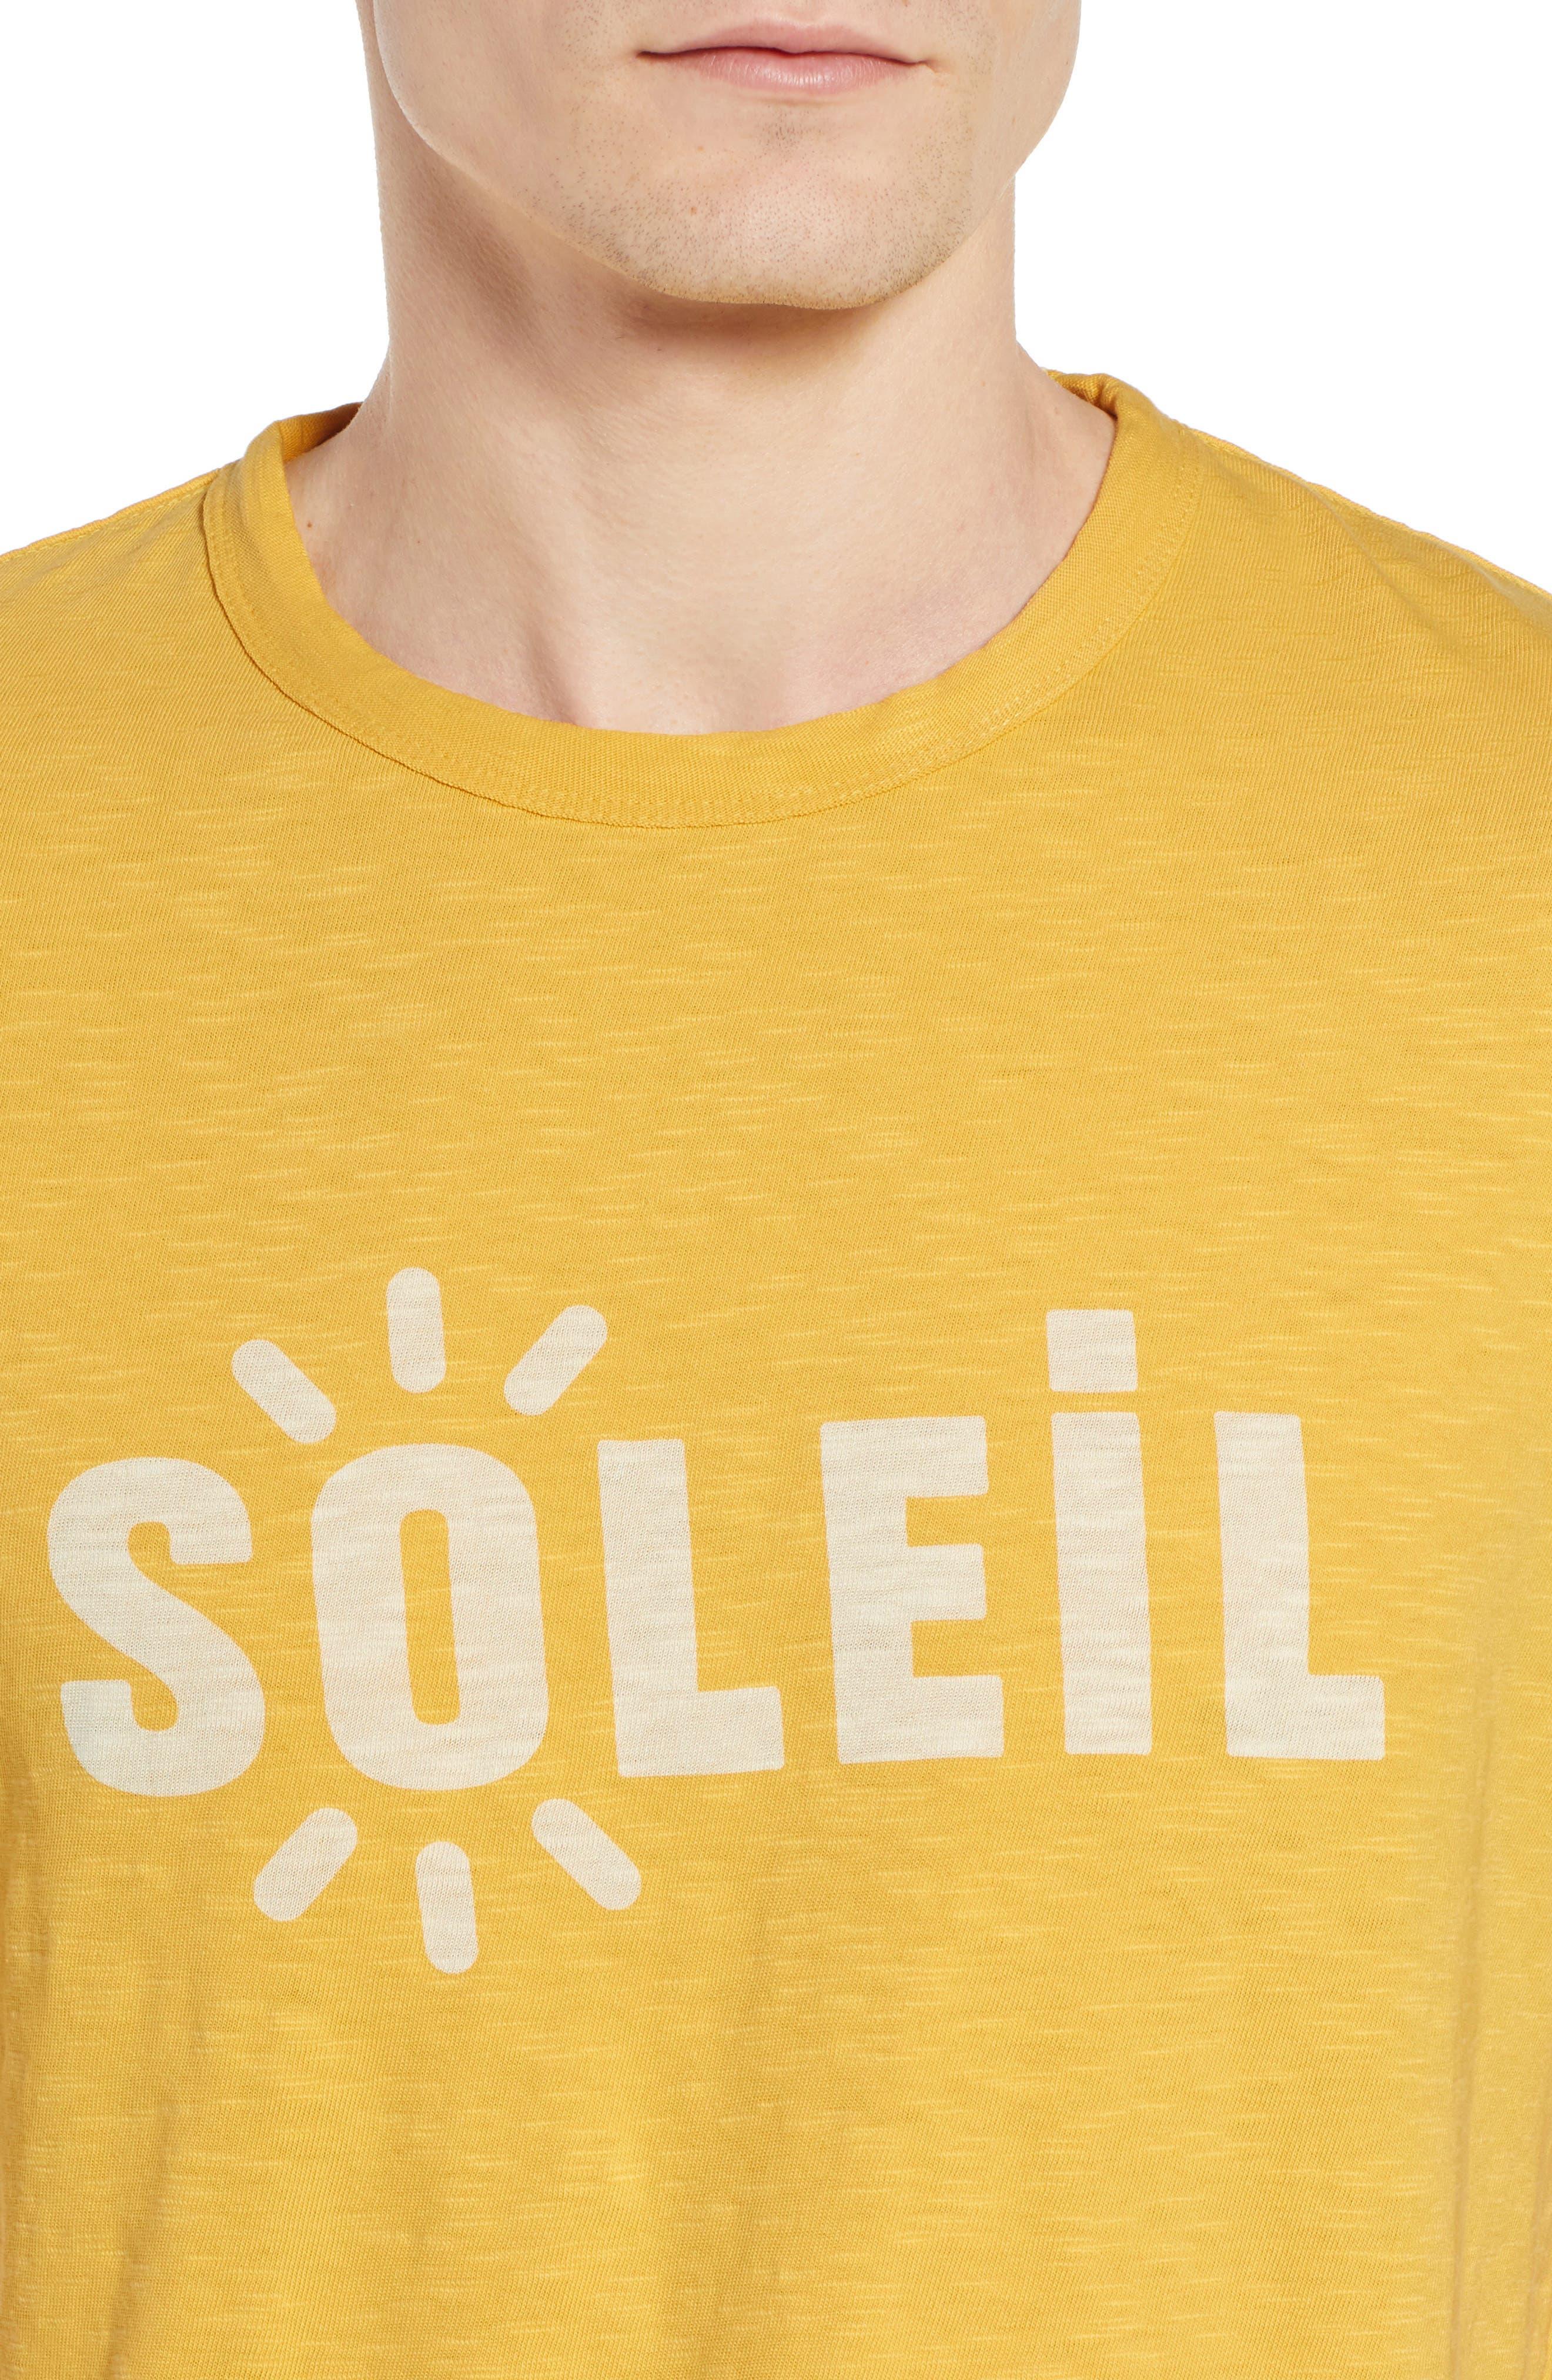 Soleil T-Shirt,                             Alternate thumbnail 4, color,                             731